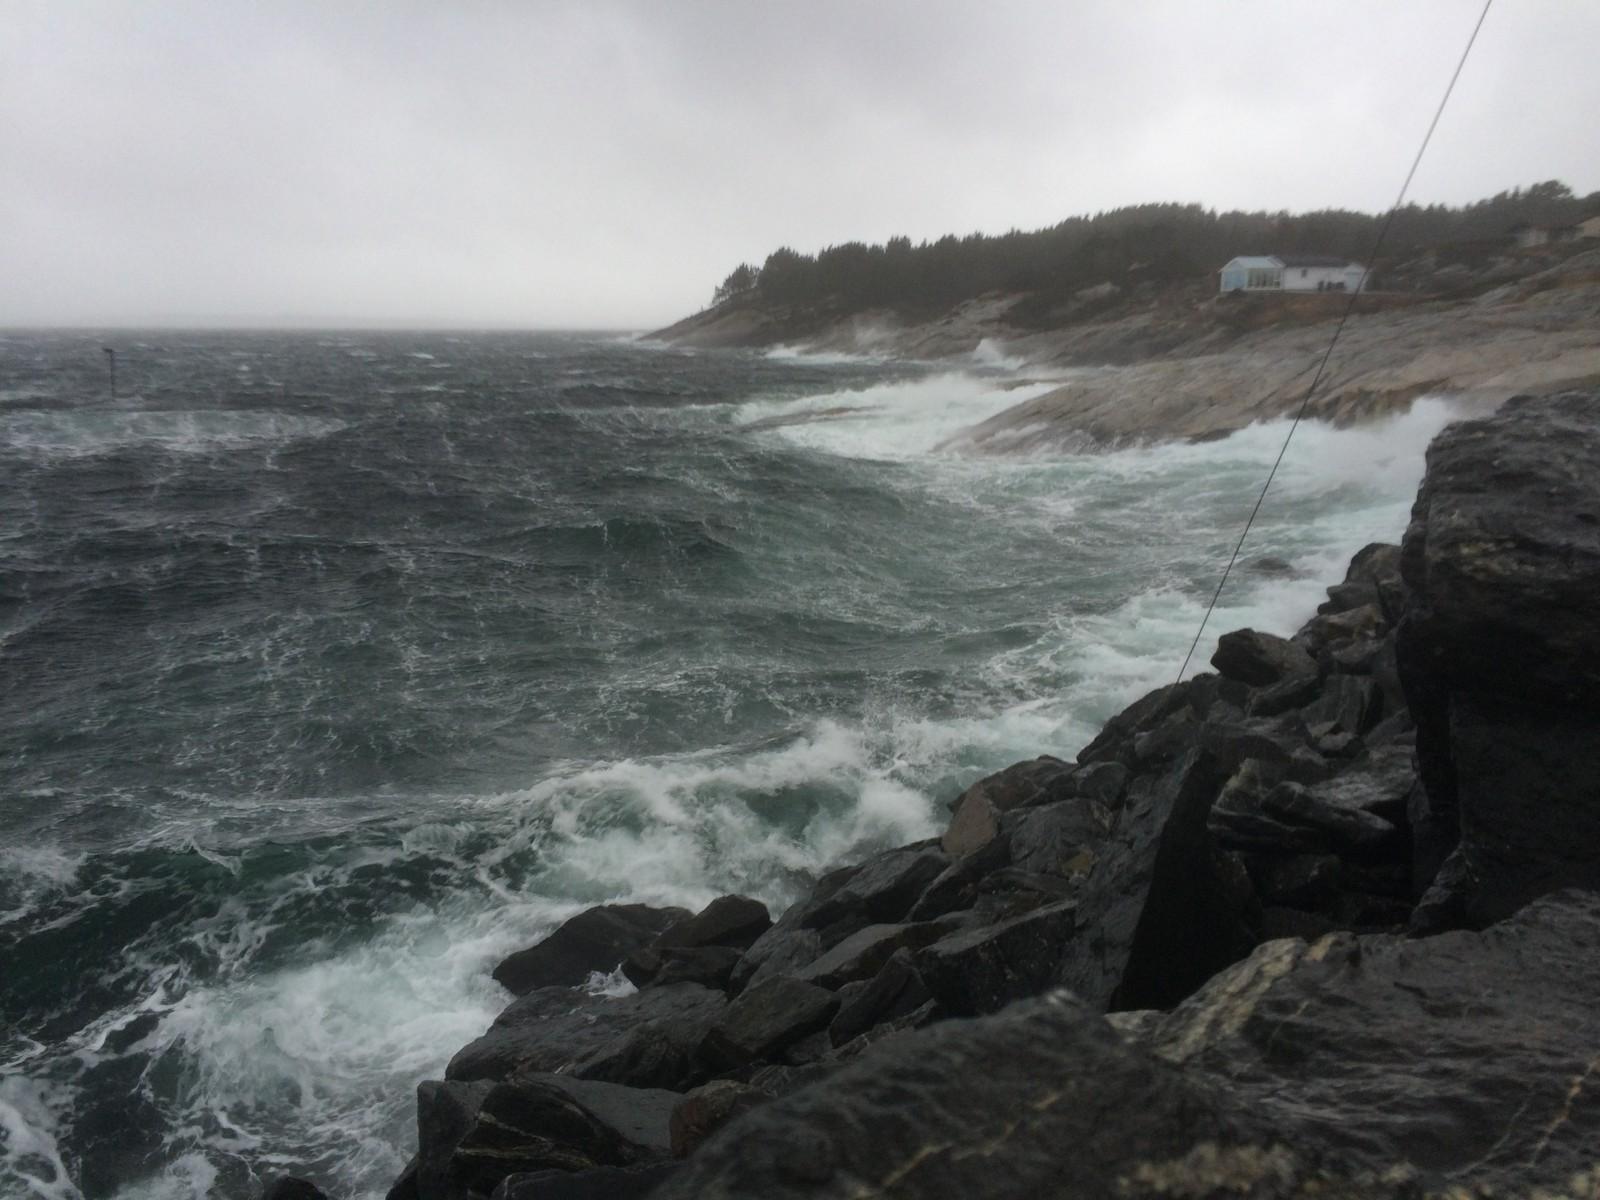 BRYGGER OPP: Kleppesjøen på Sotra viste tegn på ekstremværet tydelige to timer før stormen treffer Hordaland og vestlandet.